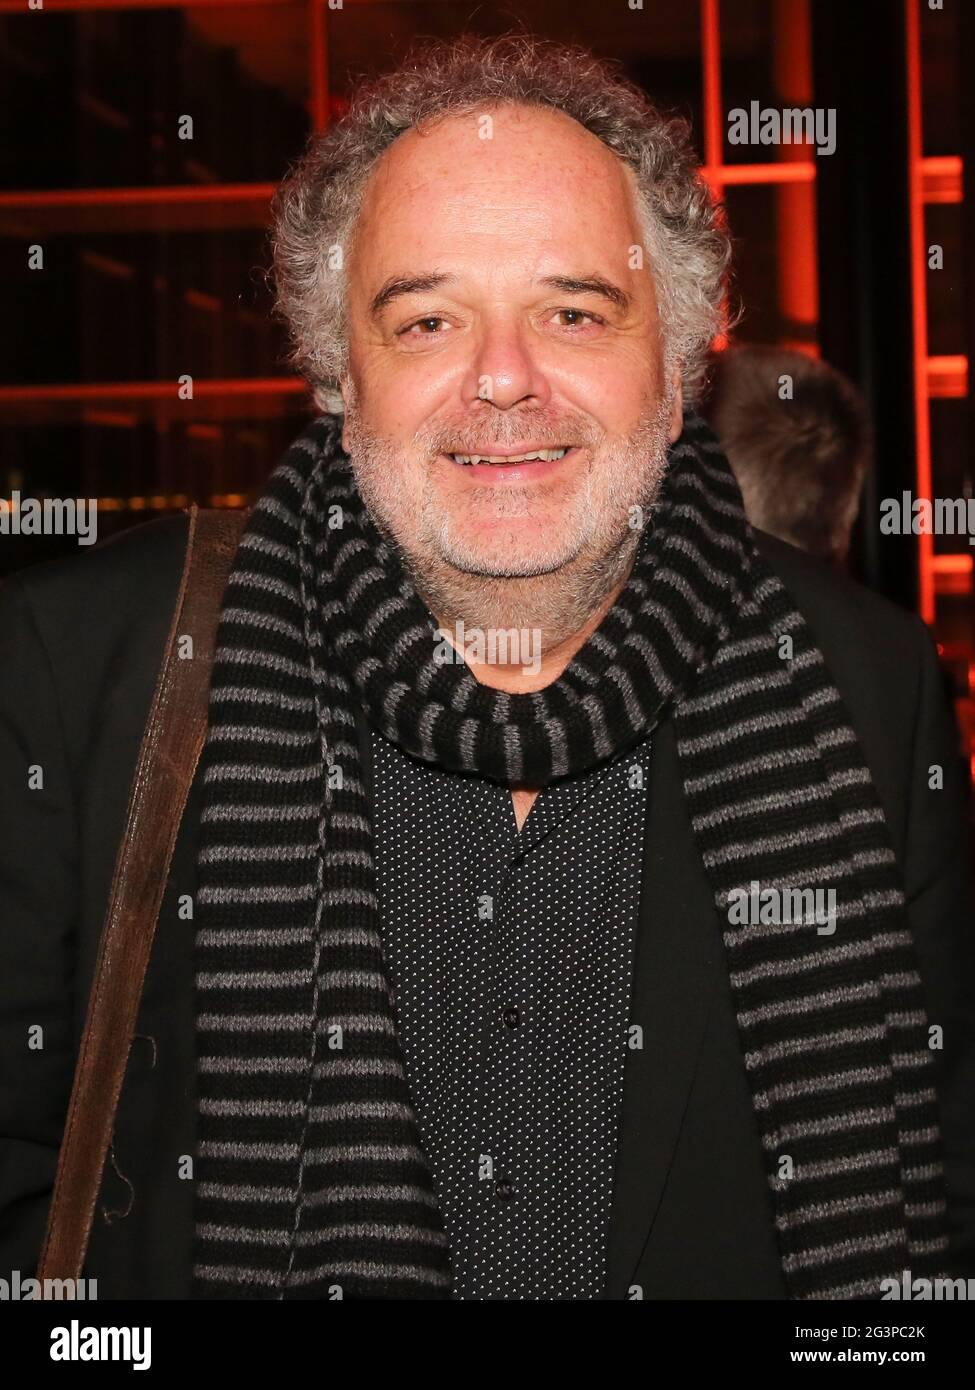 Peter Dreckmann MDR responsable du spectacle au 25ème Gala José Carreras le 12 décembre 2019 Leipzig Banque D'Images